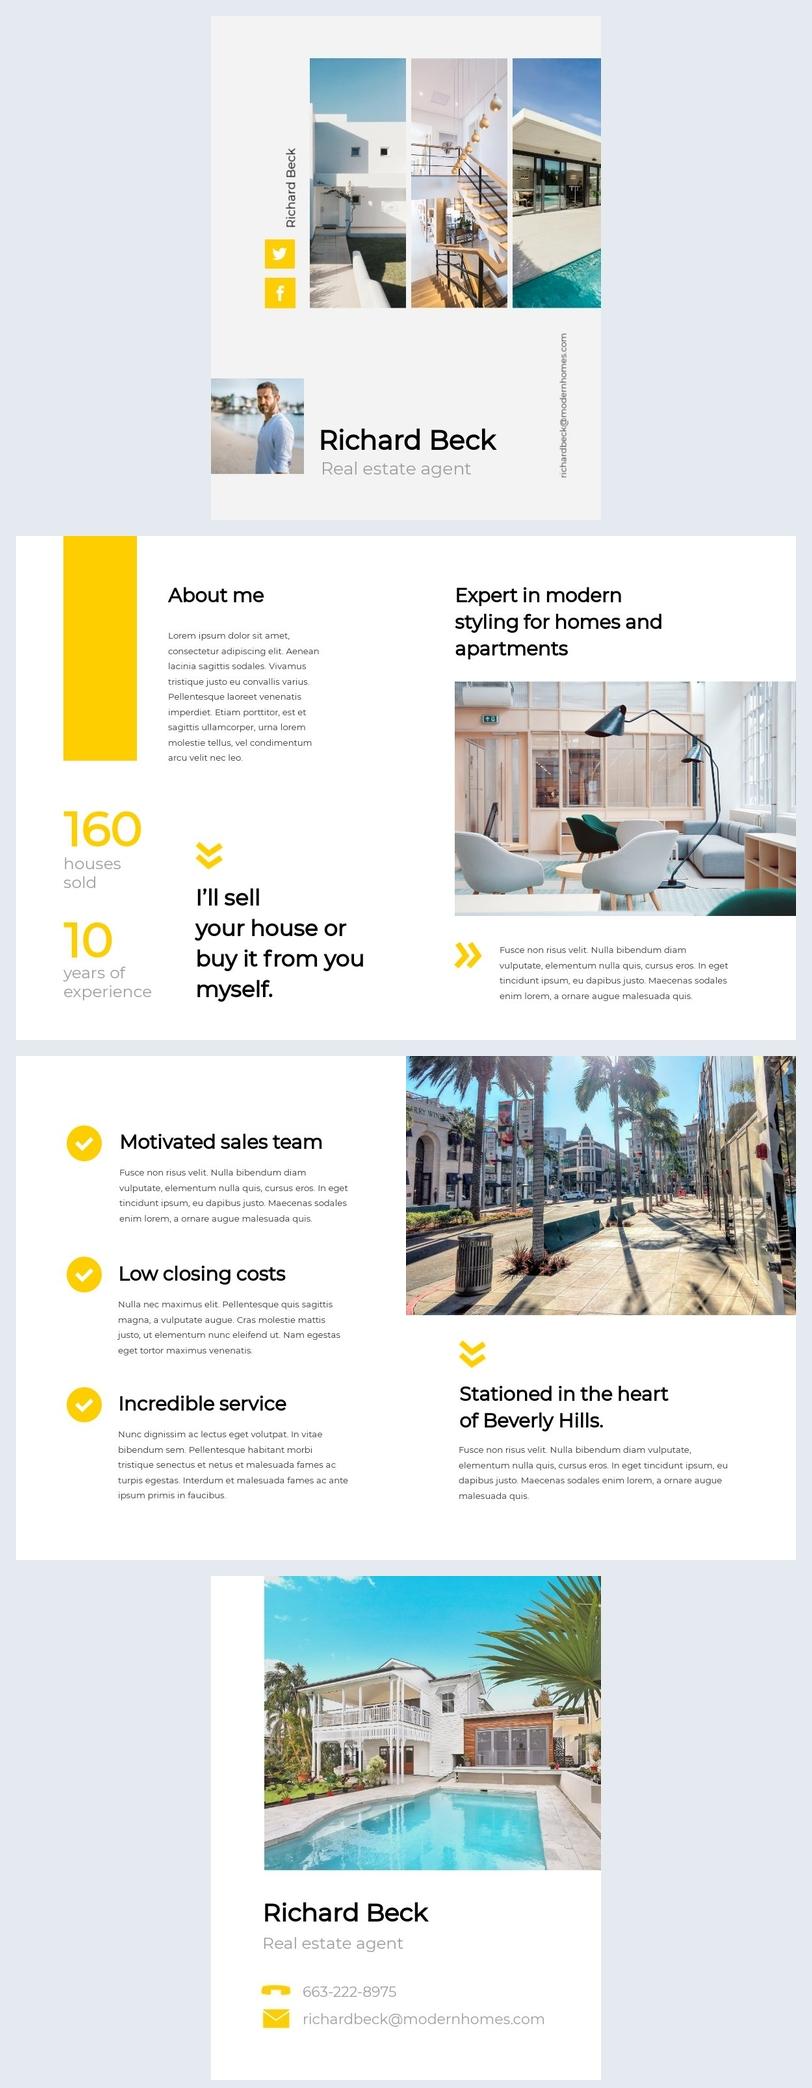 Diseño de ejemplo para folleto de agente inmobiliario